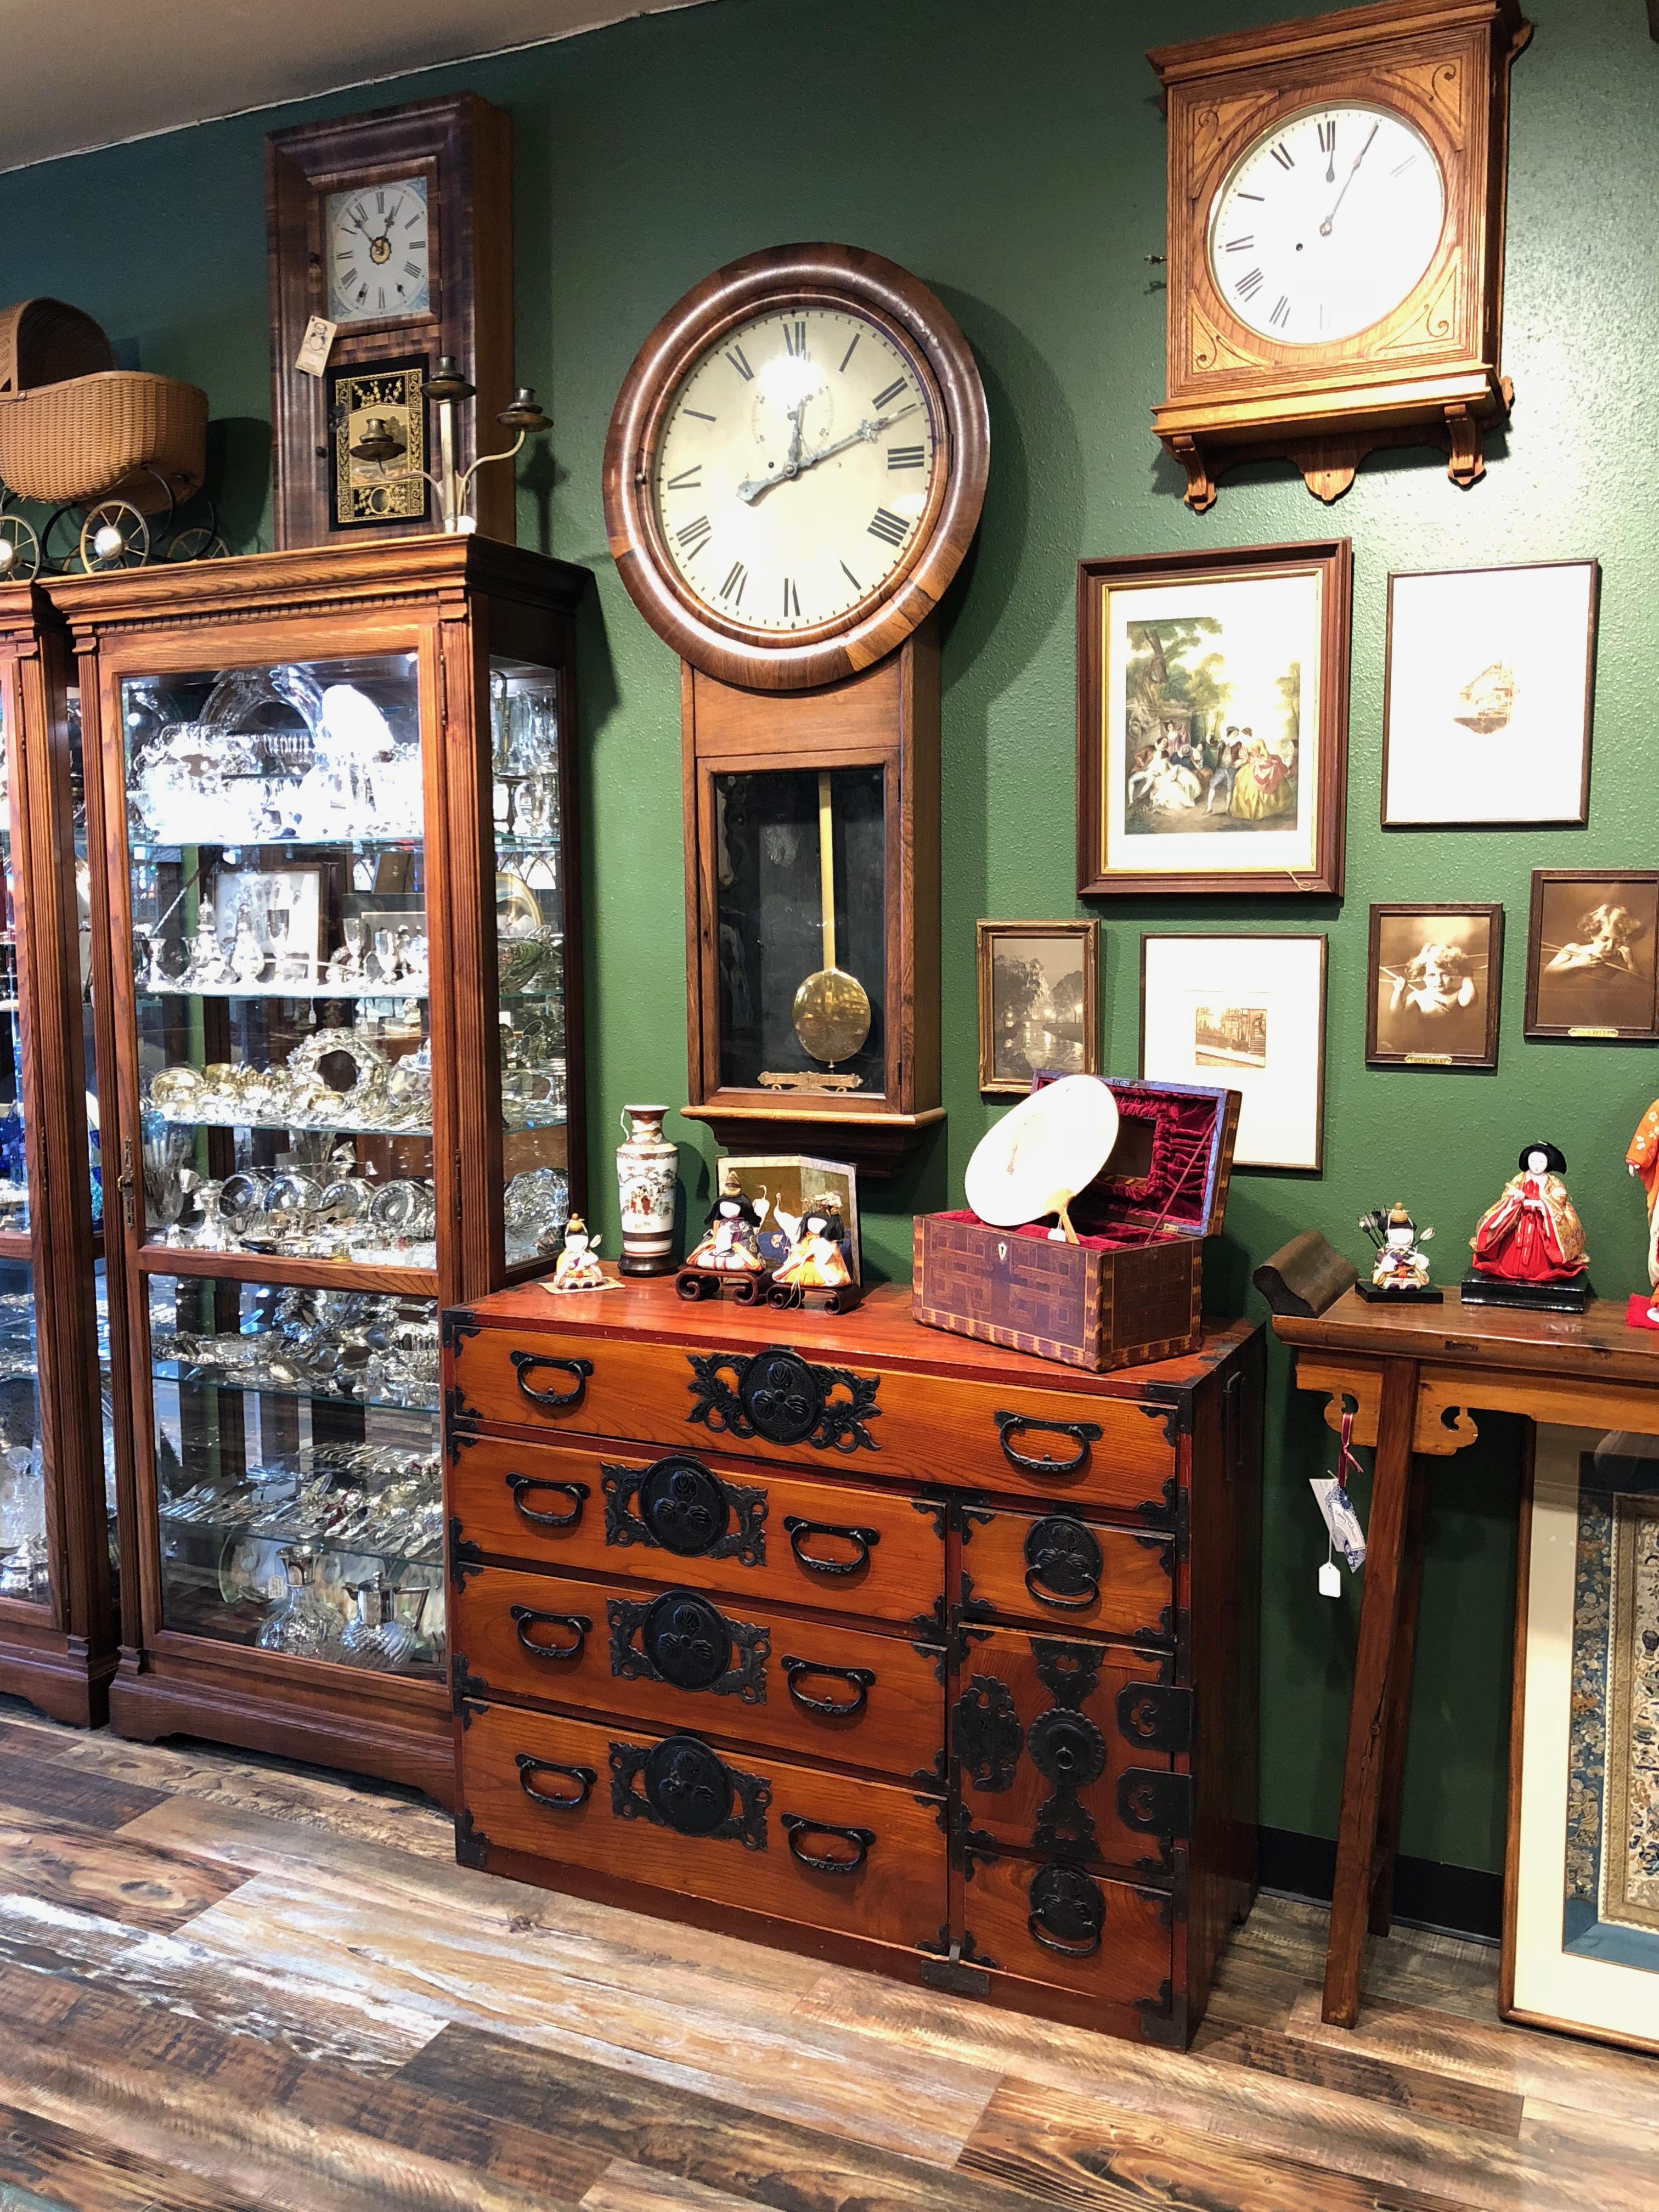 Furniture and antique clock